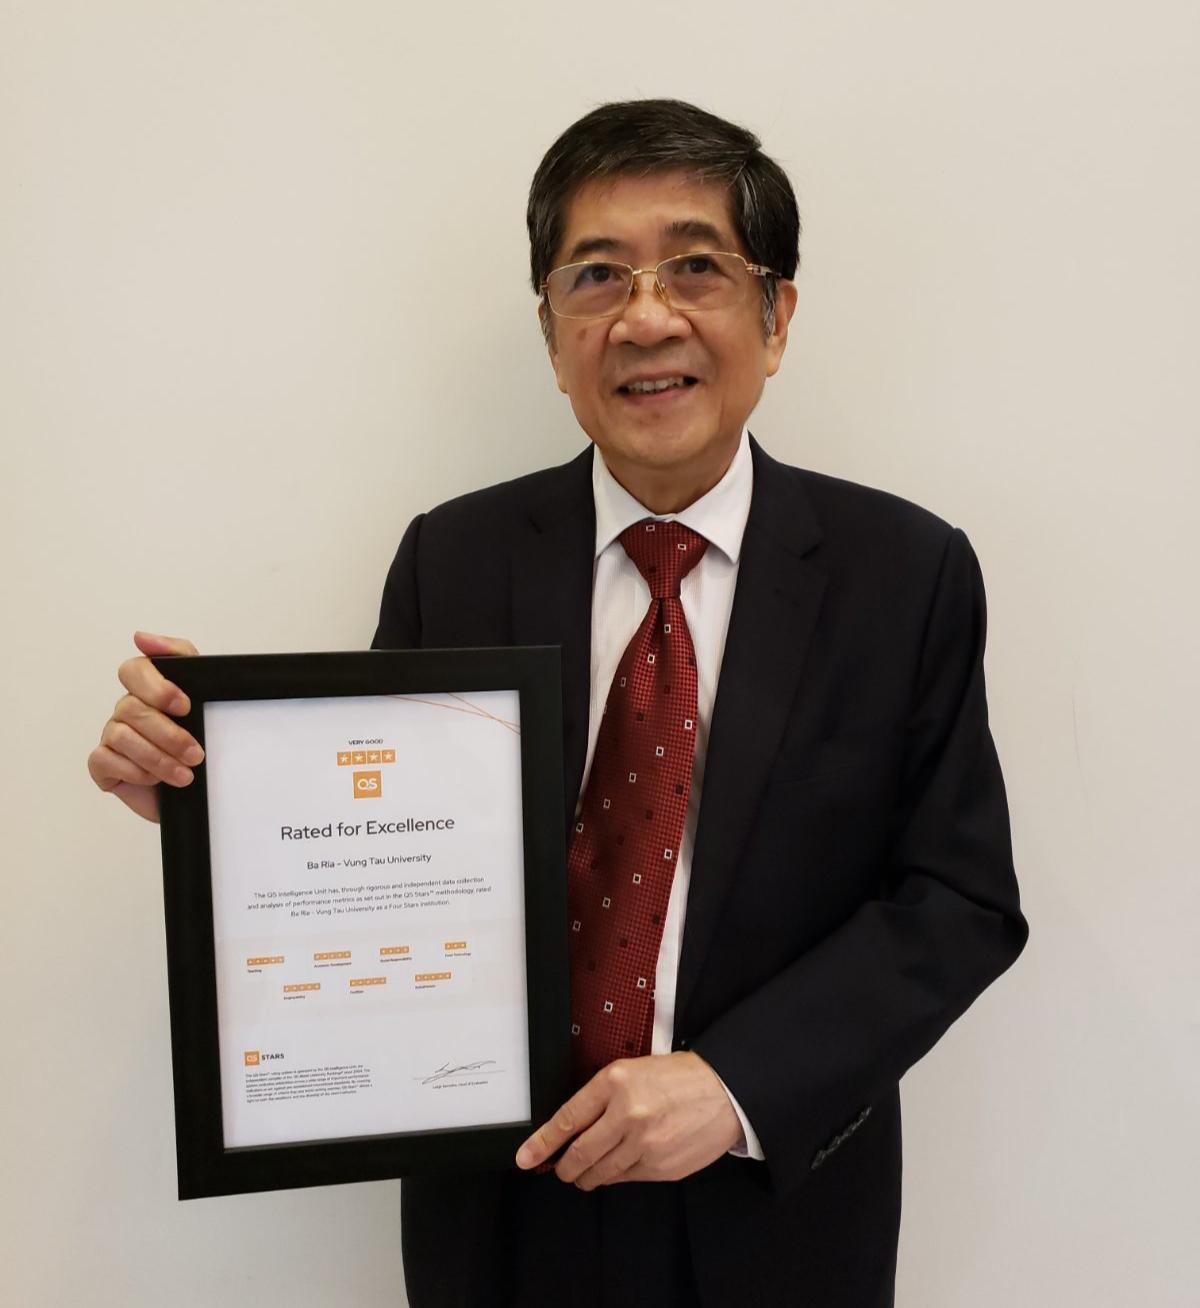 BVU trở thành ĐH trẻ nhất Việt Nam đạt Chứng nhận QS STARS 4 sao